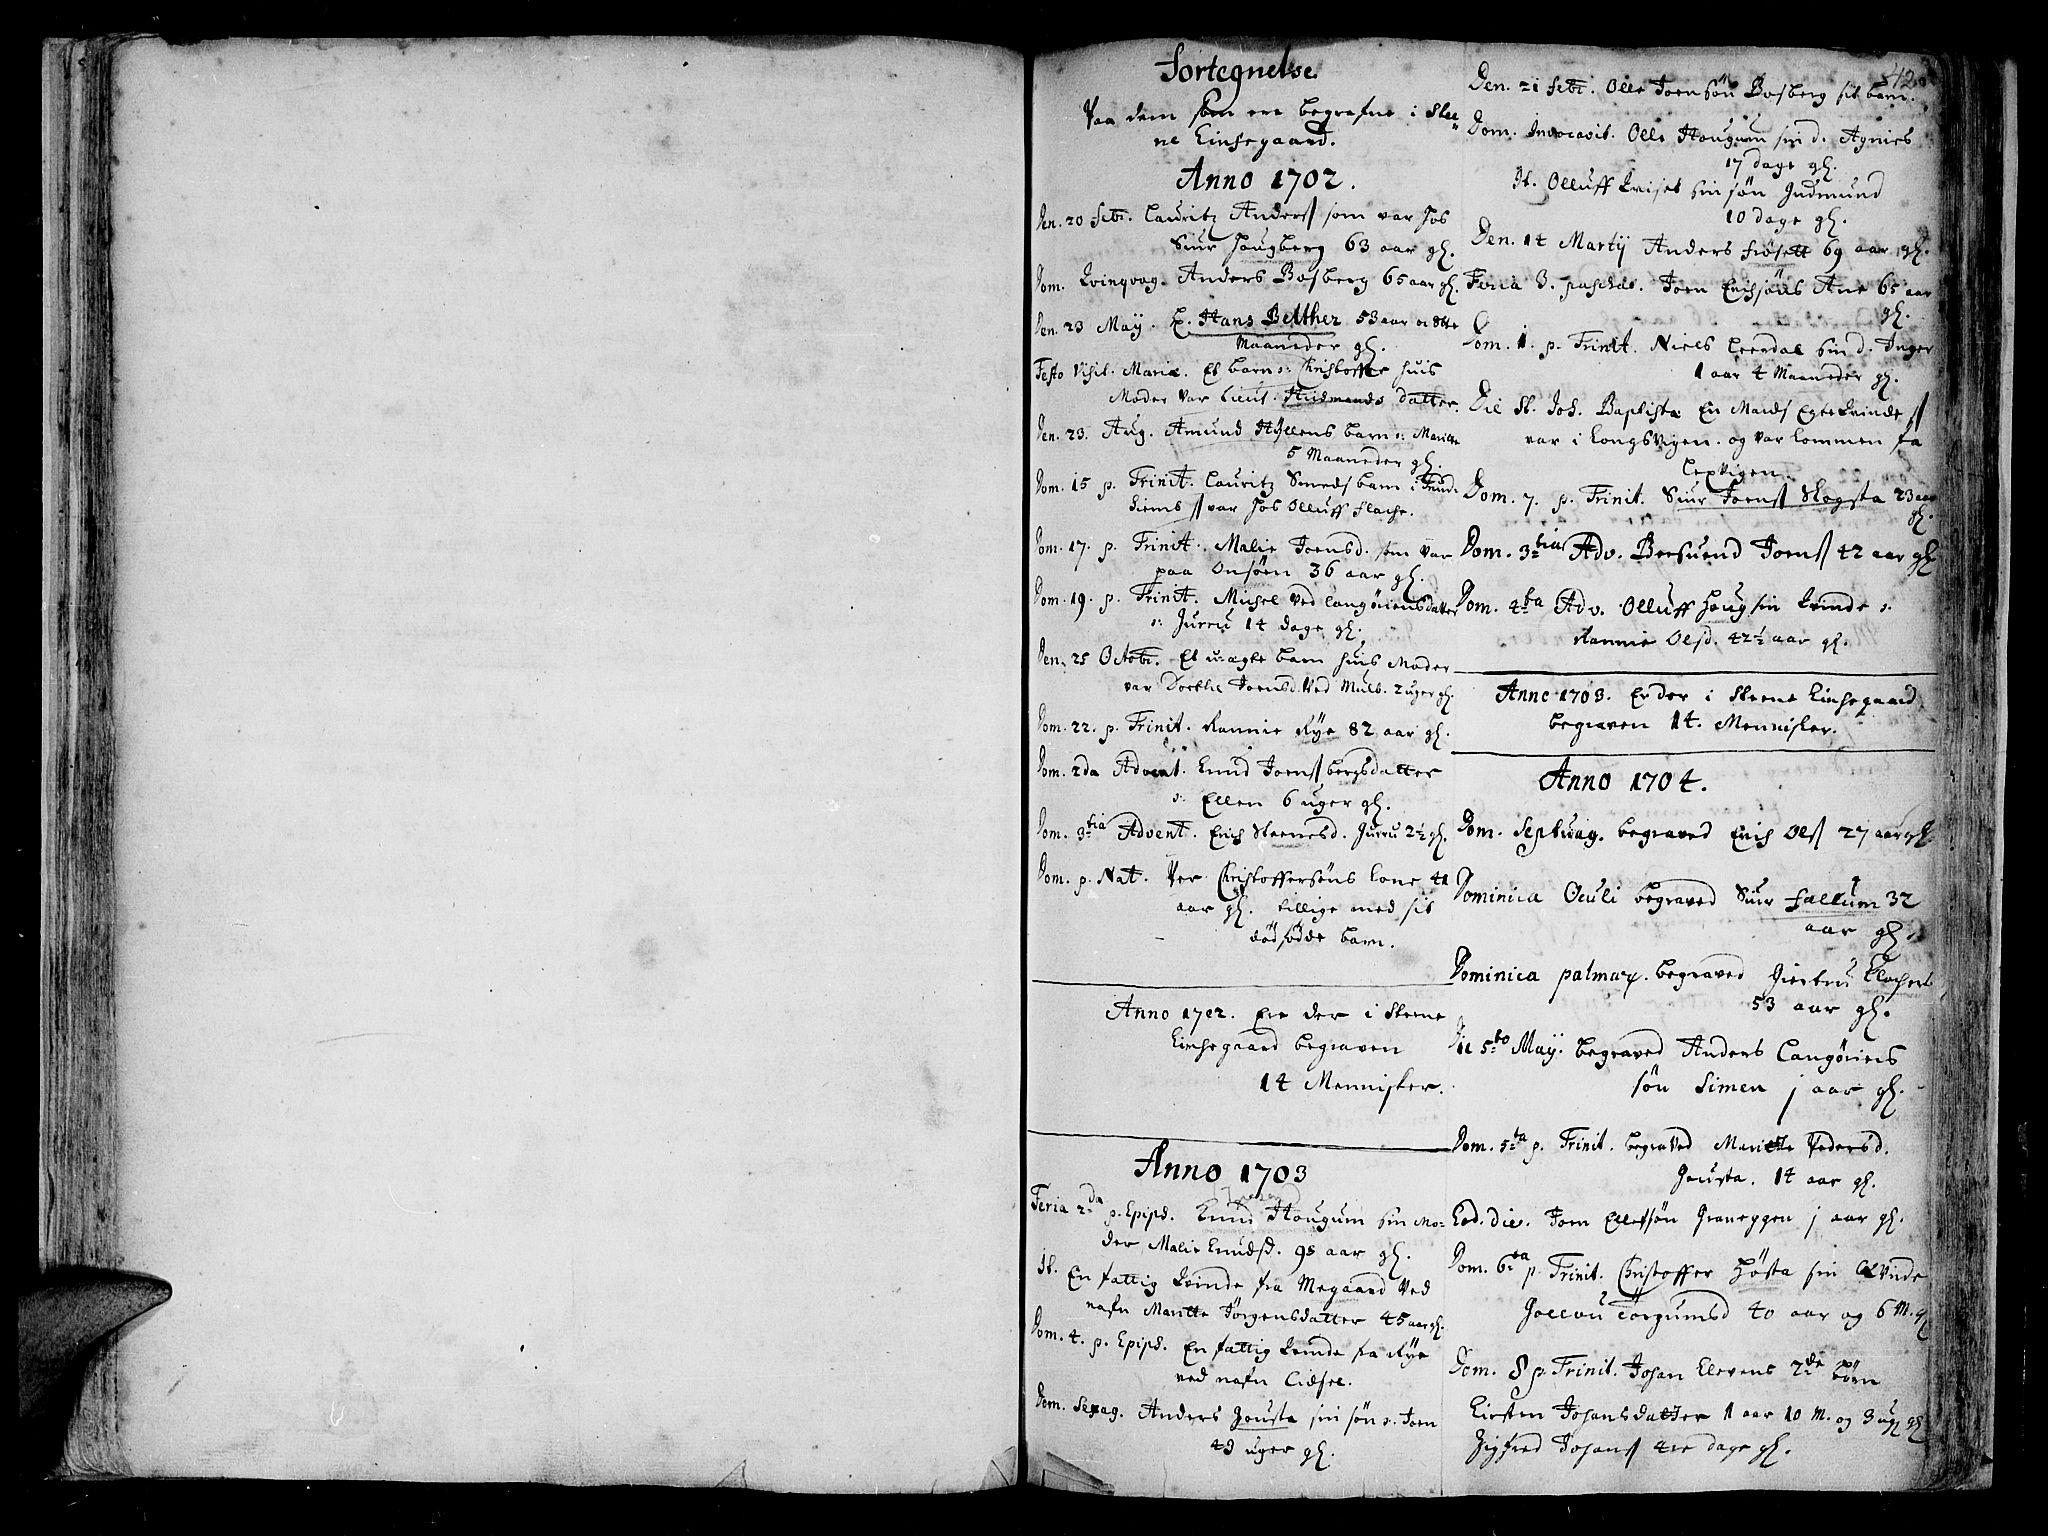 SAT, Ministerialprotokoller, klokkerbøker og fødselsregistre - Sør-Trøndelag, 612/L0368: Ministerialbok nr. 612A02, 1702-1753, s. 42